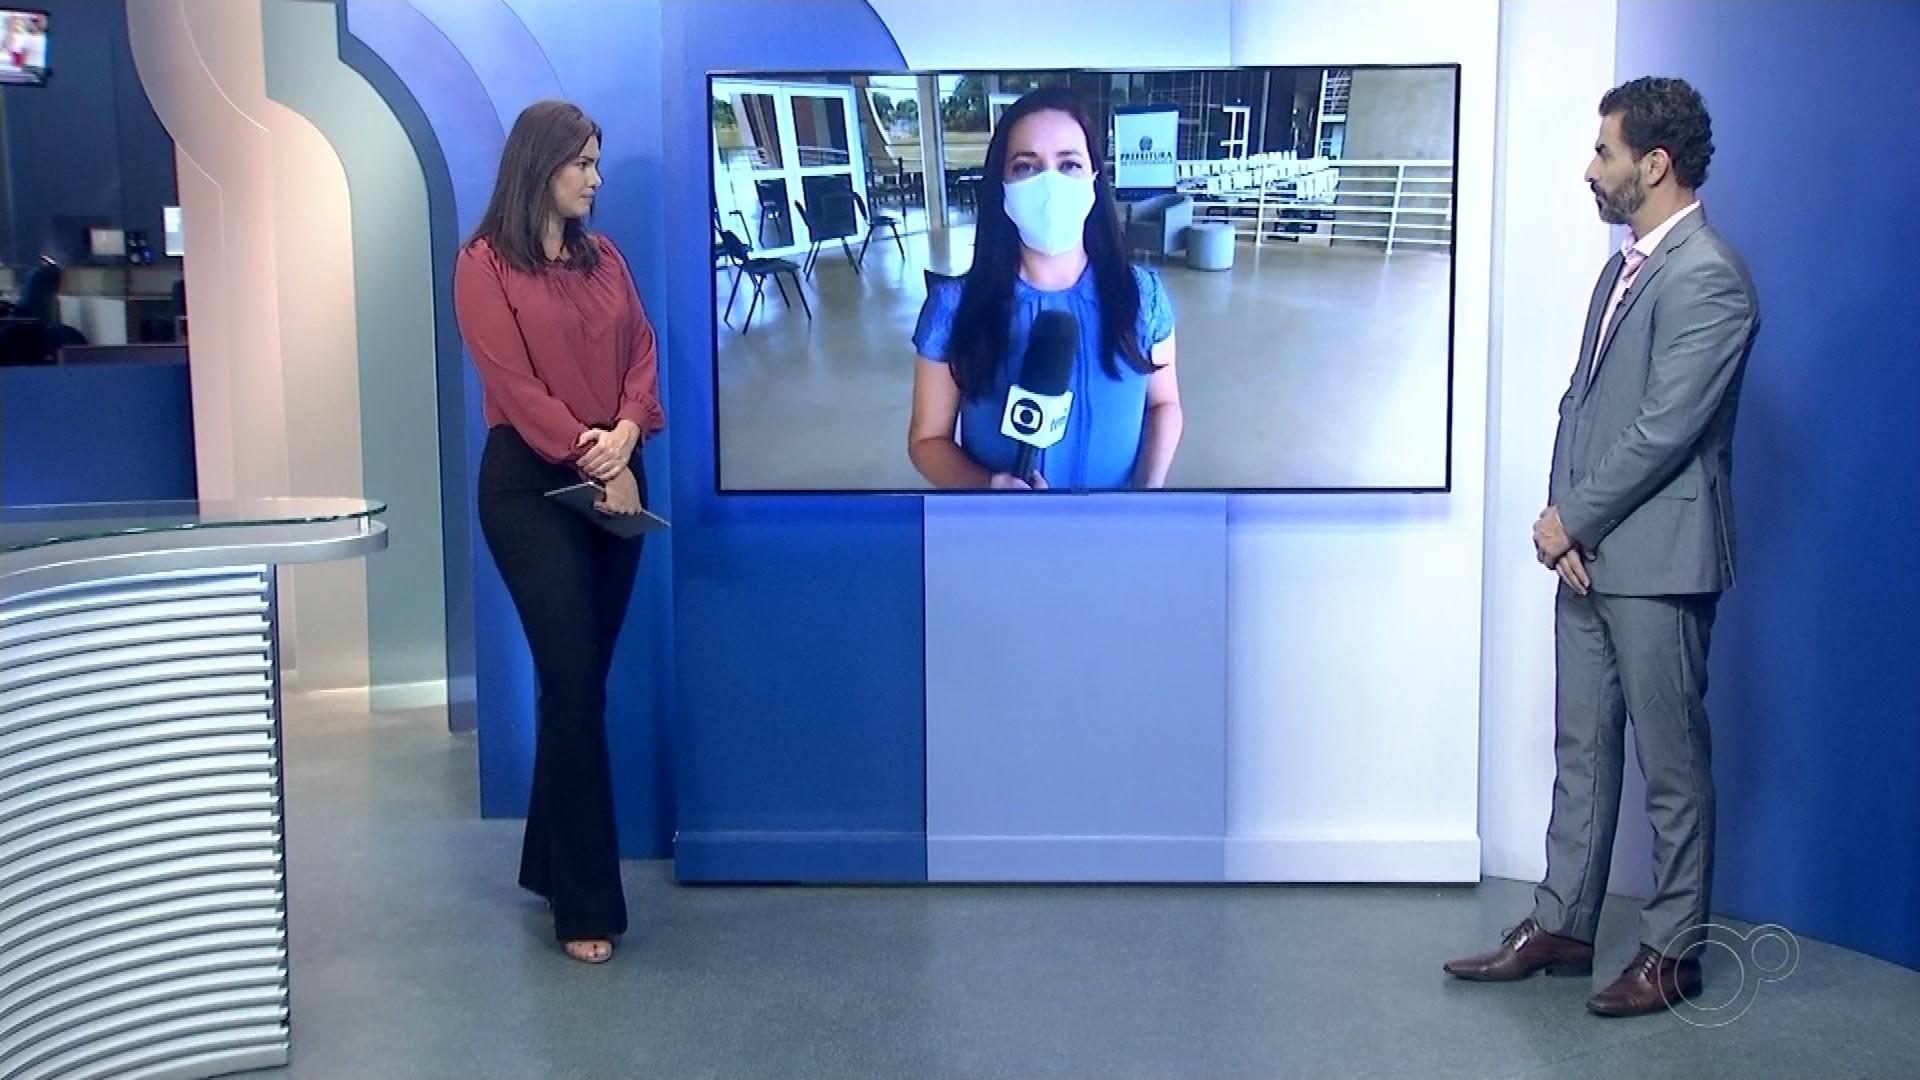 VÍDEOS: TEM Notícias 1ª edição de Rio Preto e Araçatuba desta terça-feira, 2 de junho